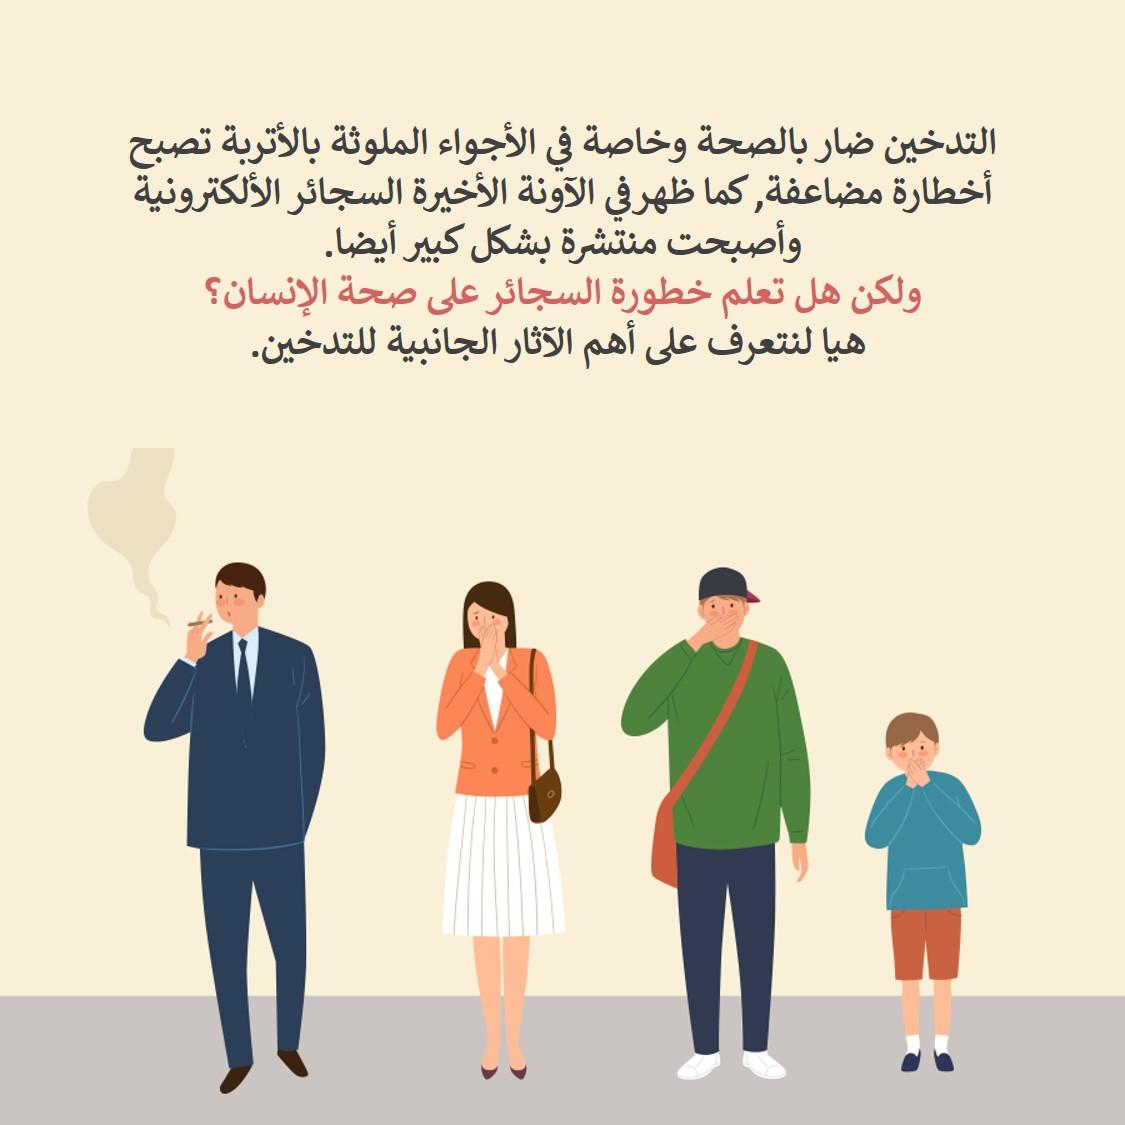 التدخين والصحة